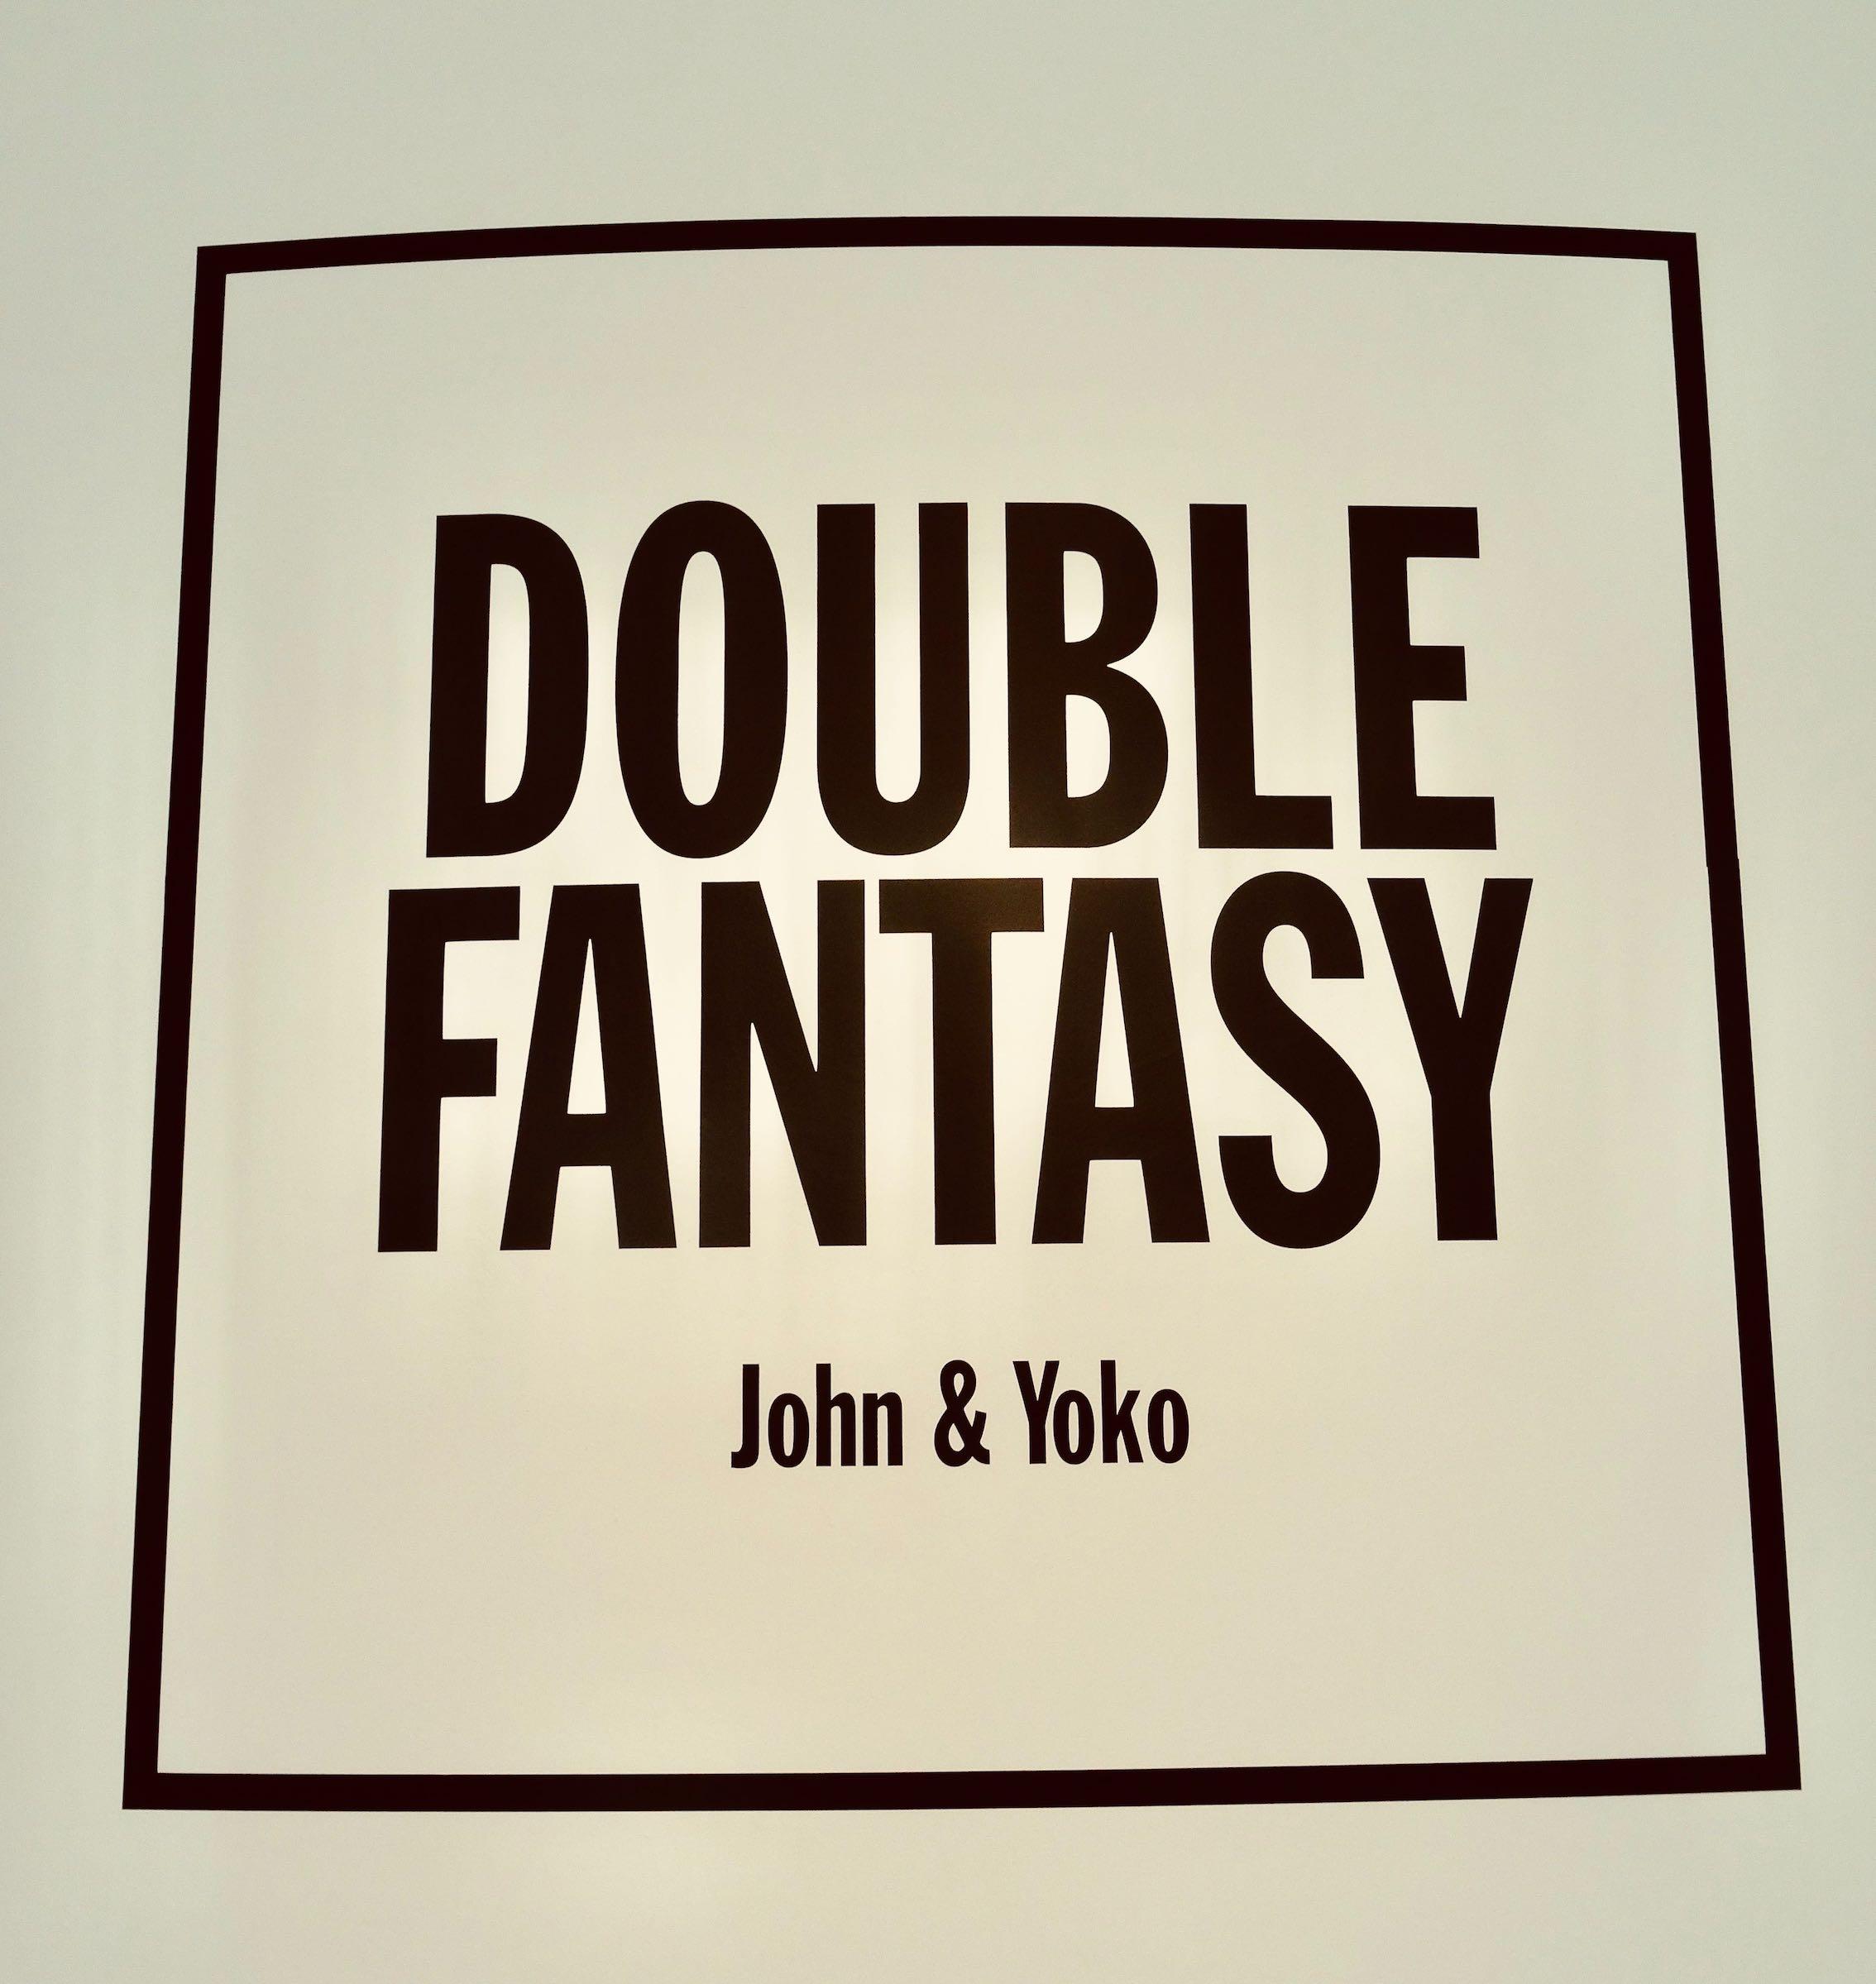 Double Fantasy Exhibition Liverpool